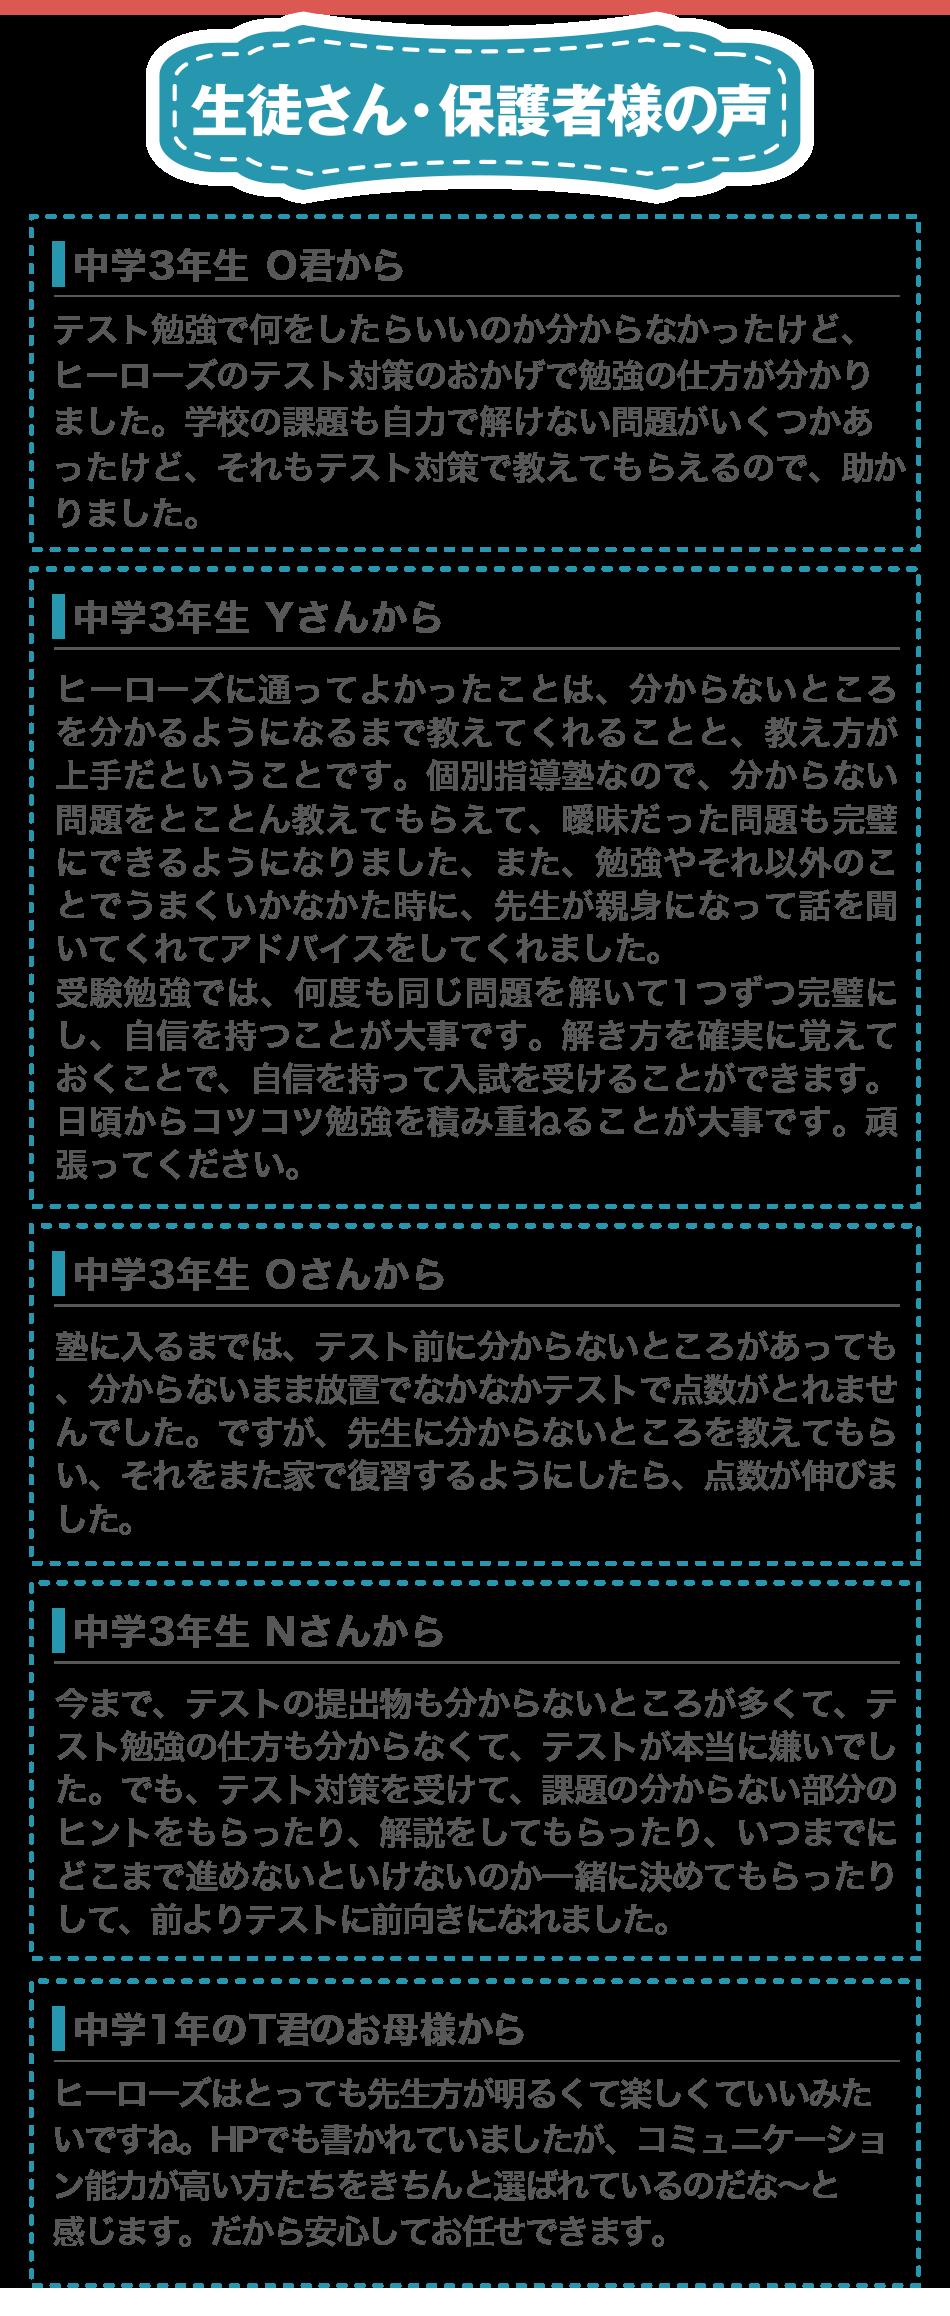 DBA30A34-90AA-45B1-B25F-B0B2088DFA3A.png